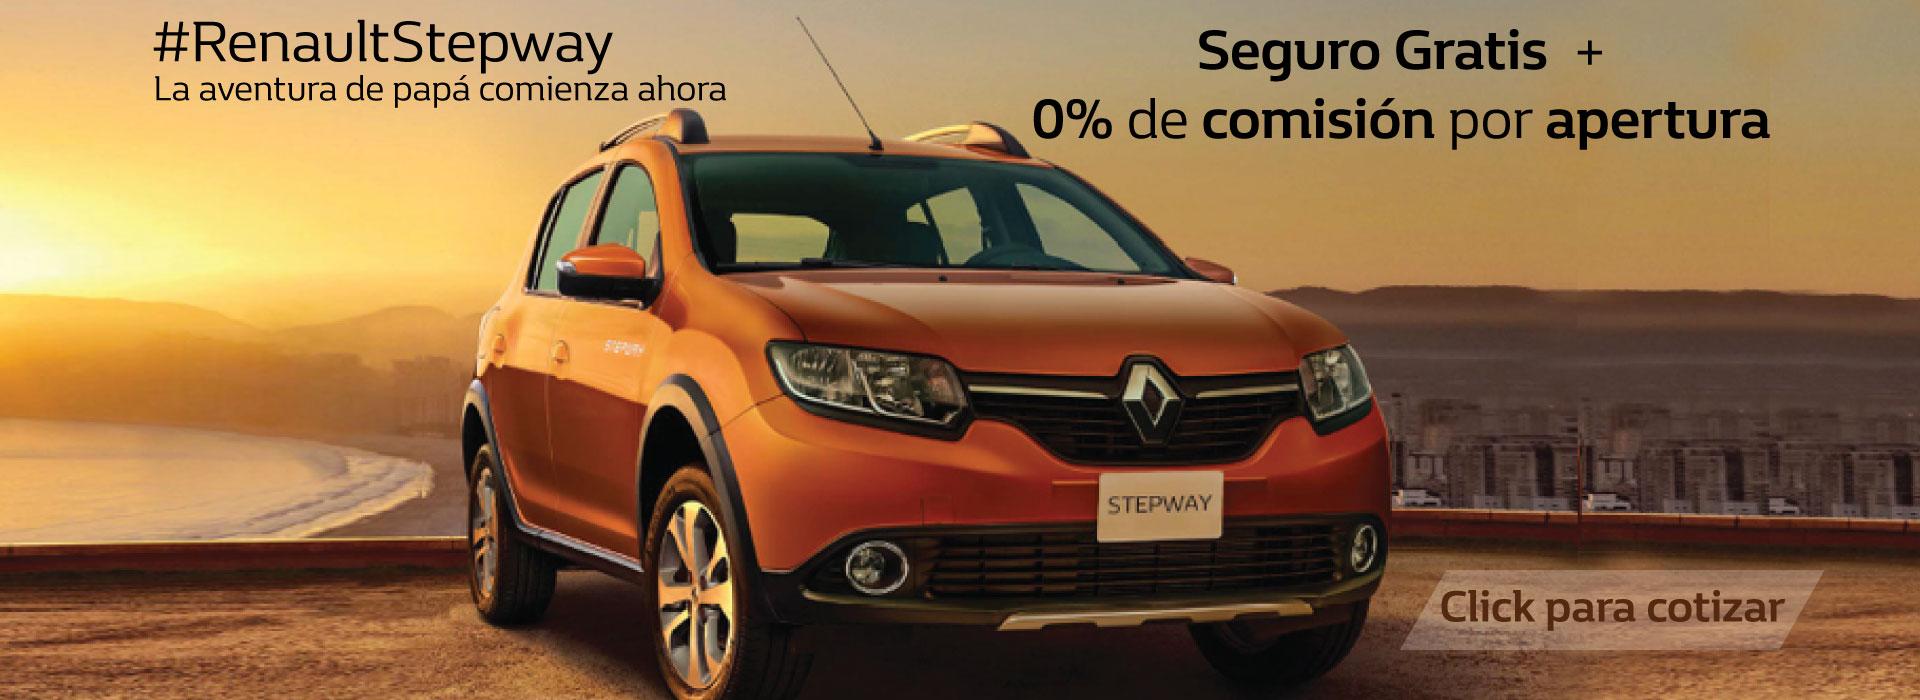 Renault stepwaySeguro gratis + 0% de comisión por apertura